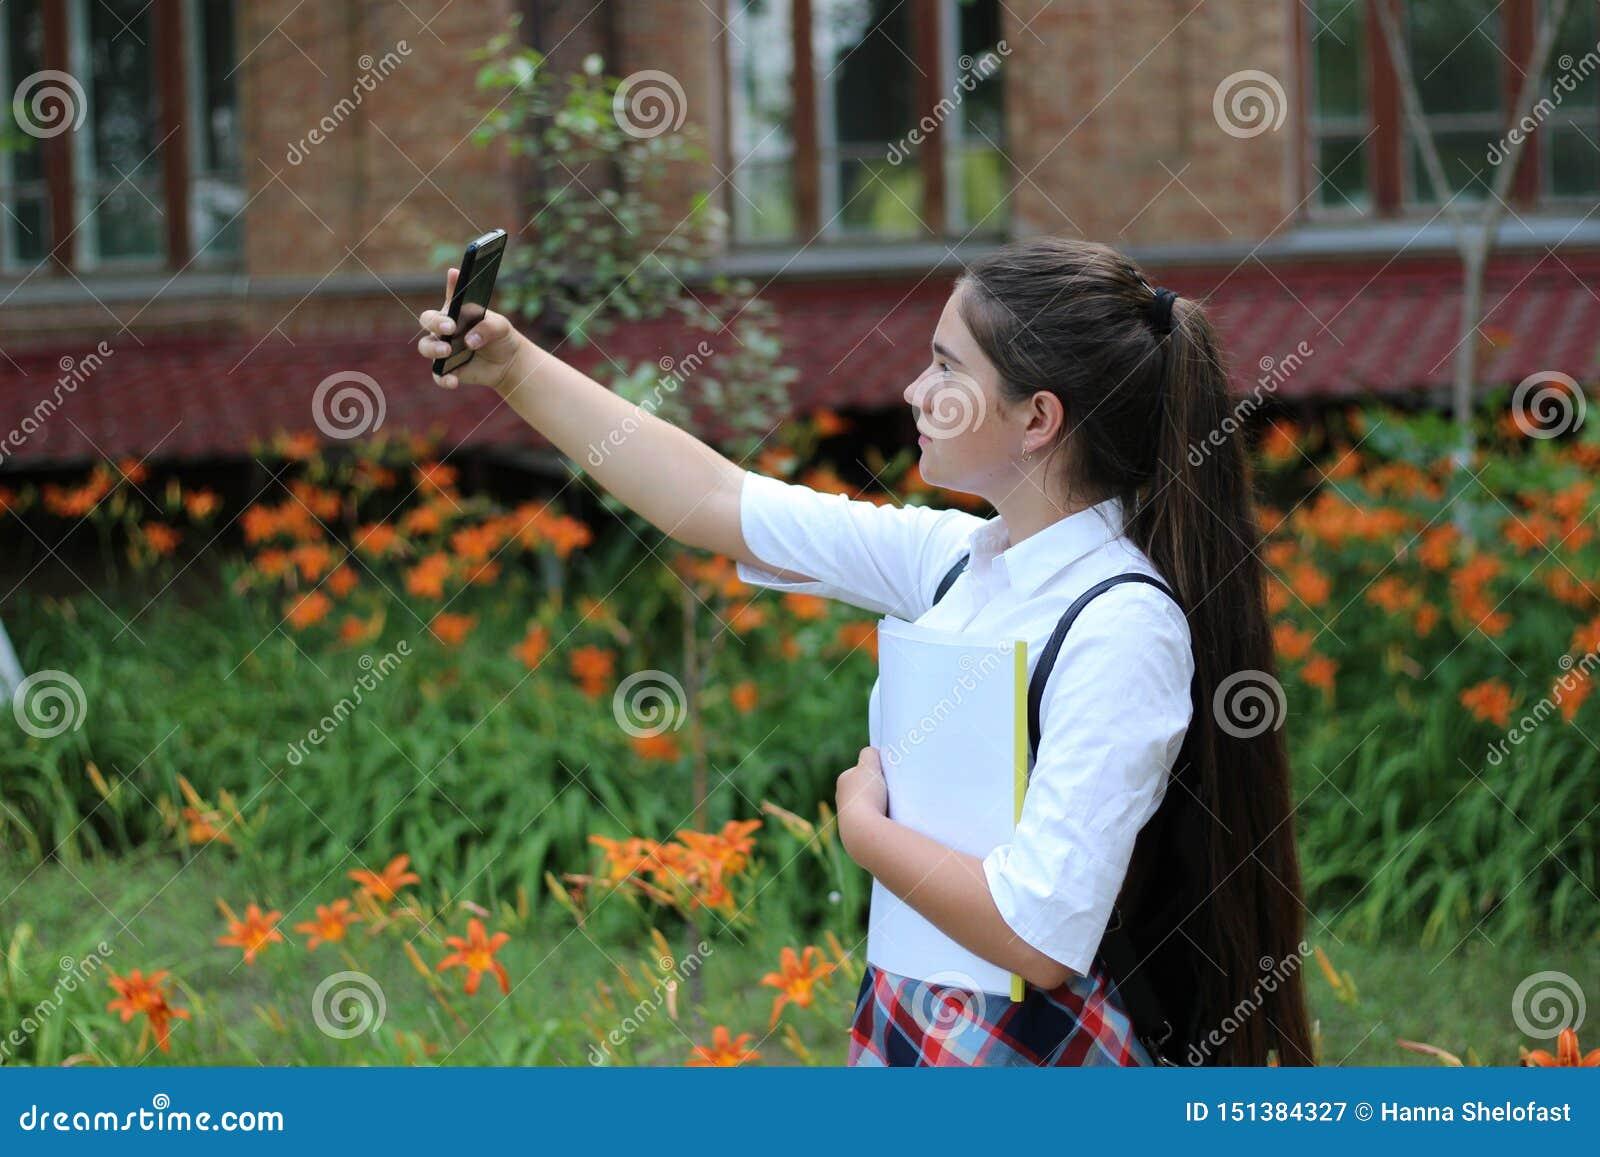 Школьница девушки с длинными волосами в школьной форме делает selfie